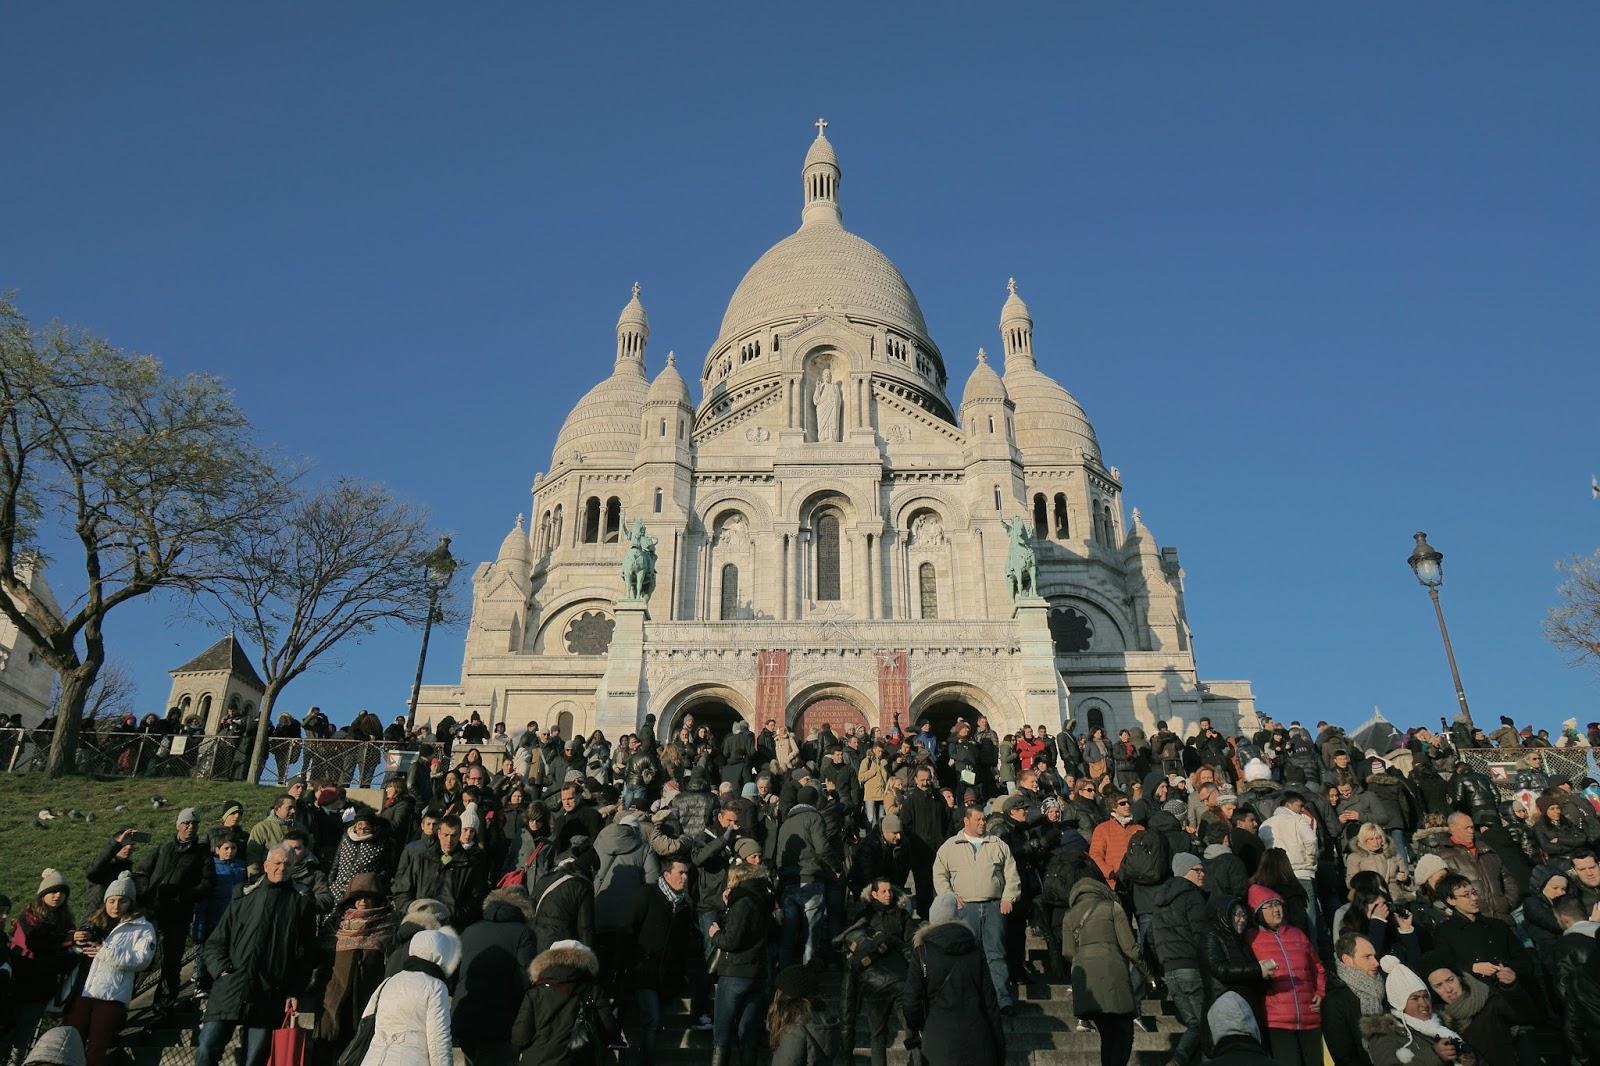 サクレ・クール寺院 (Basilique du Sacré-Cœur de Montmartre)